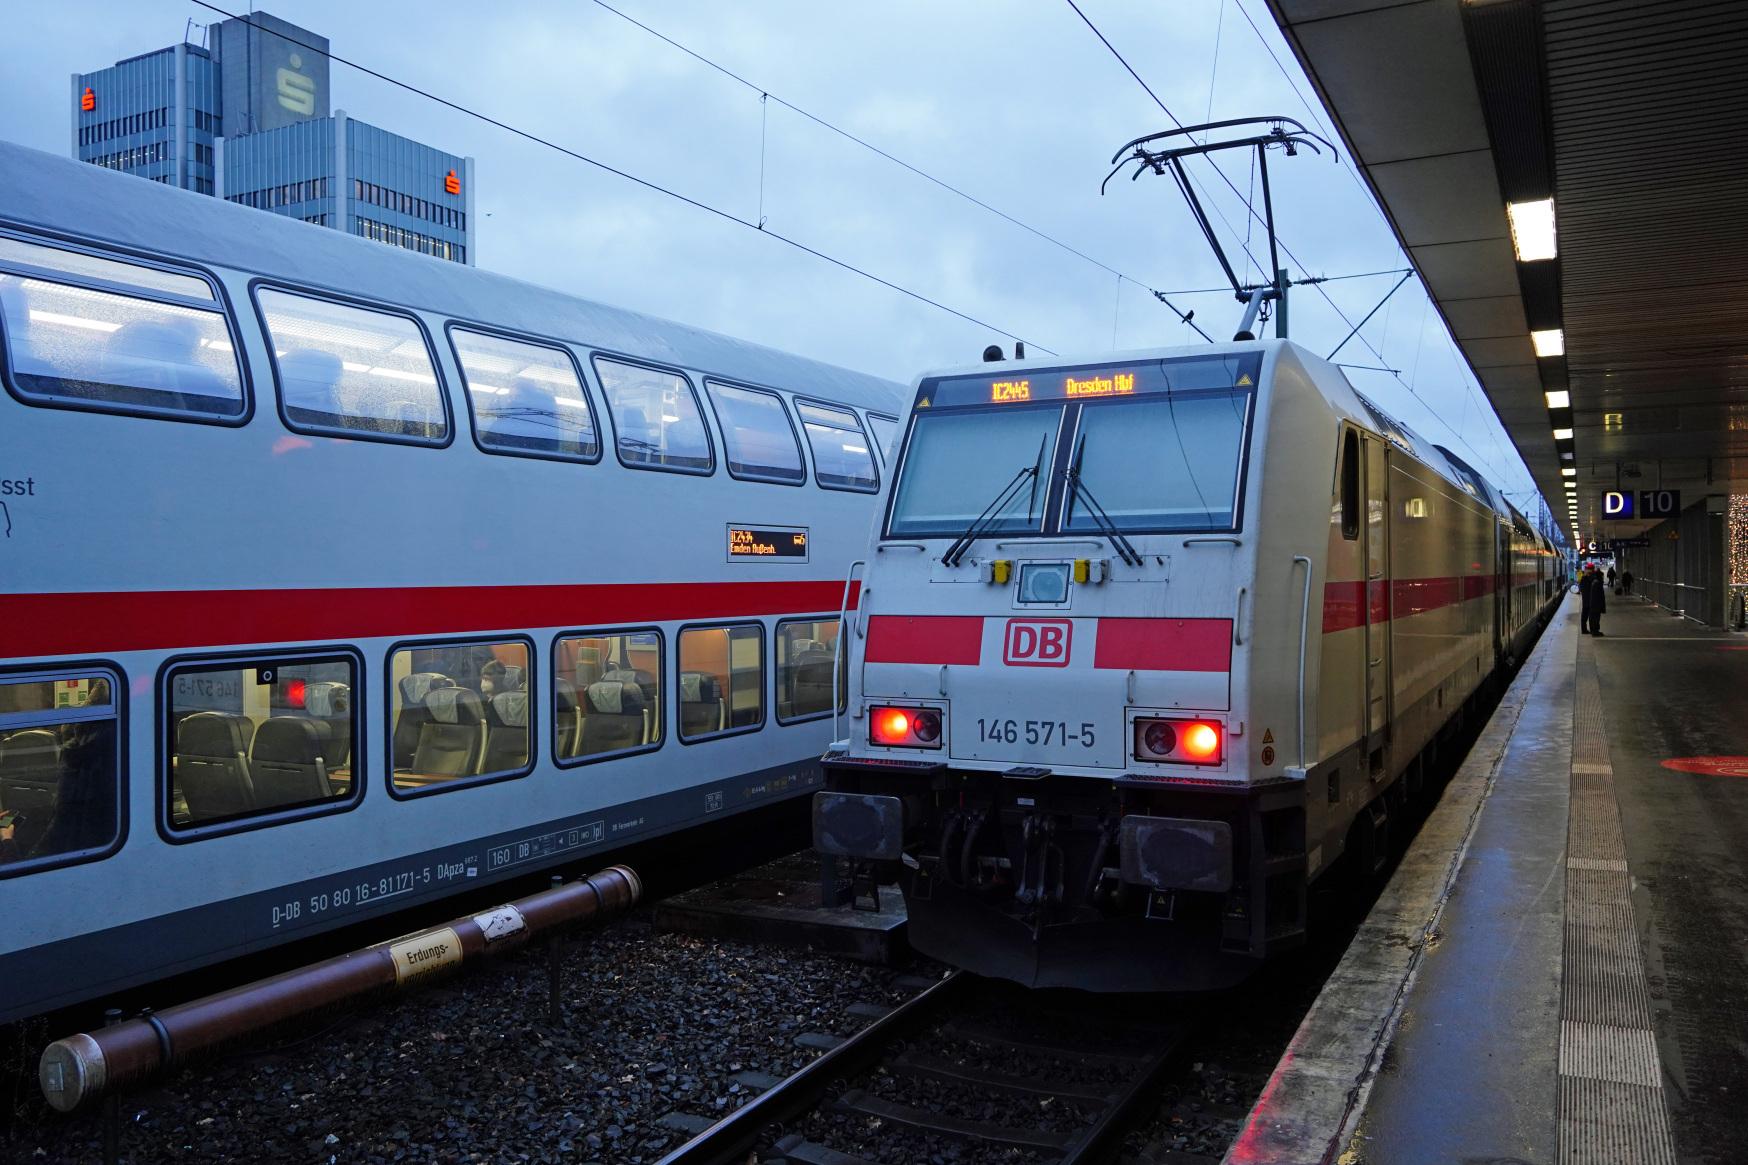 DB: Gleisarbeiten zwischen Hauptbahnhof und Karl-Wiechert-Allee